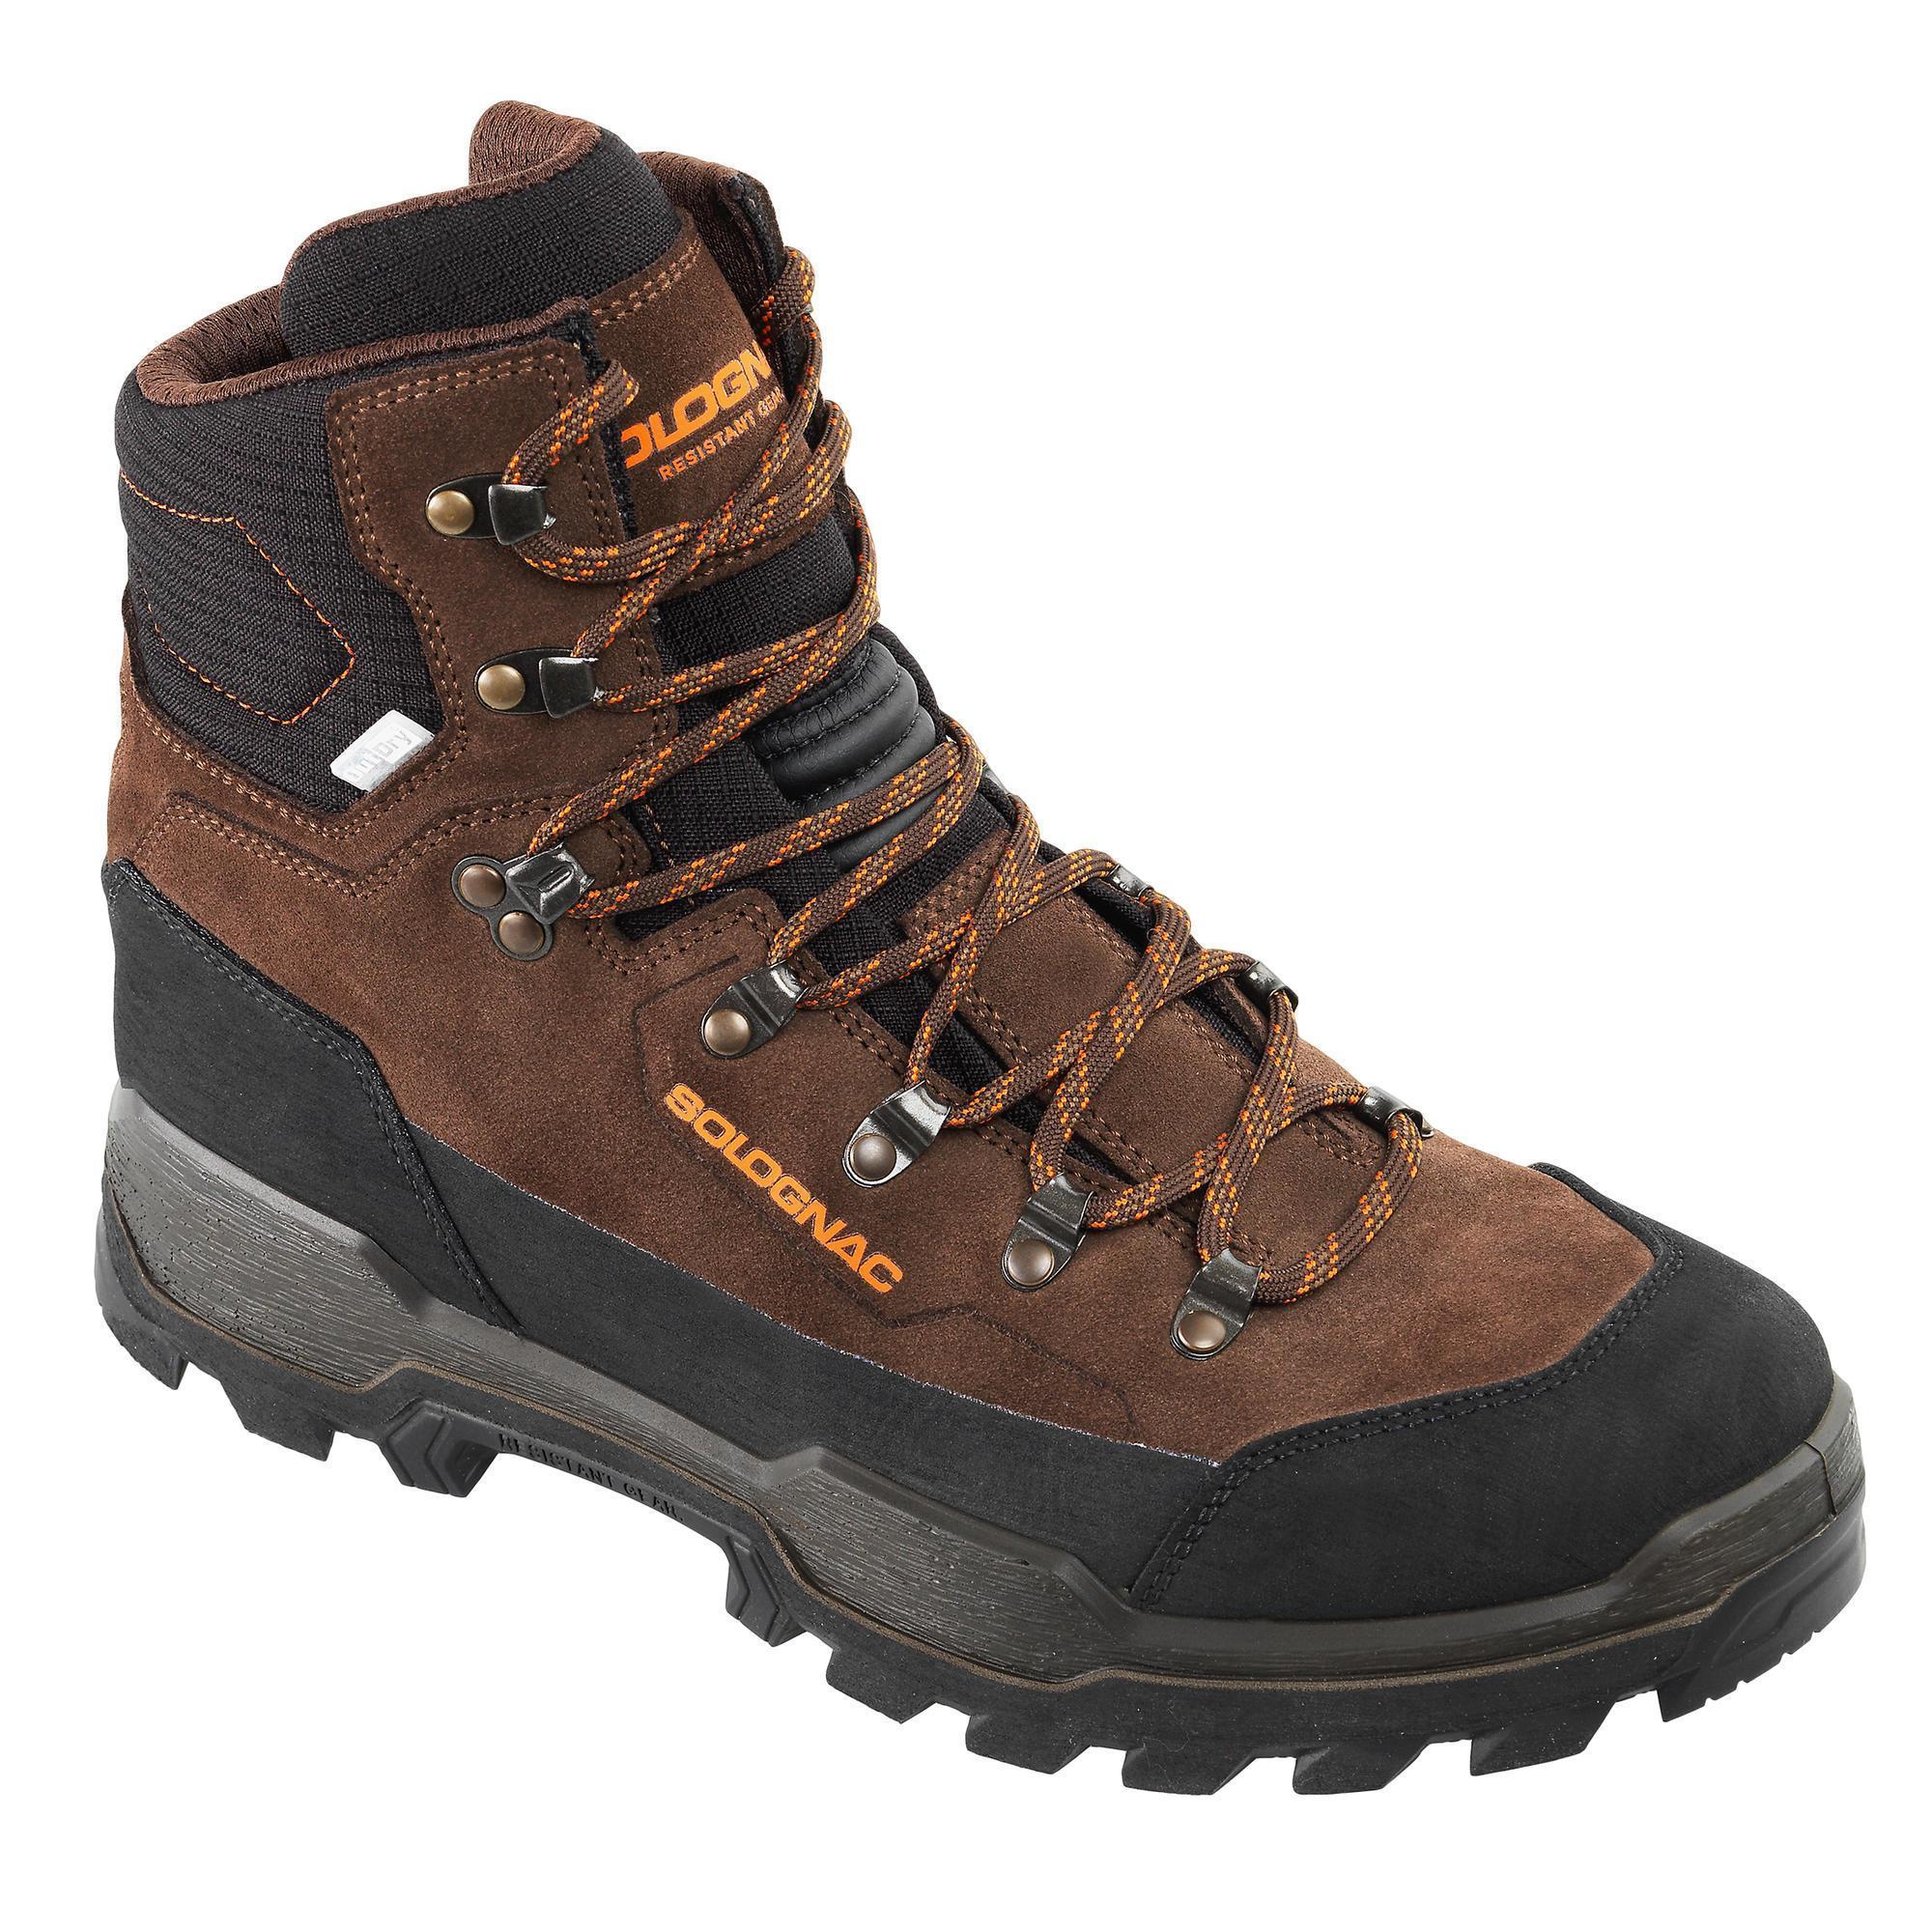 Jagdschuhe SG500W braun wasserdicht atmungsaktiv   Schuhe > Outdoorschuhe > Trekkingschuhe   Leder   Solognac